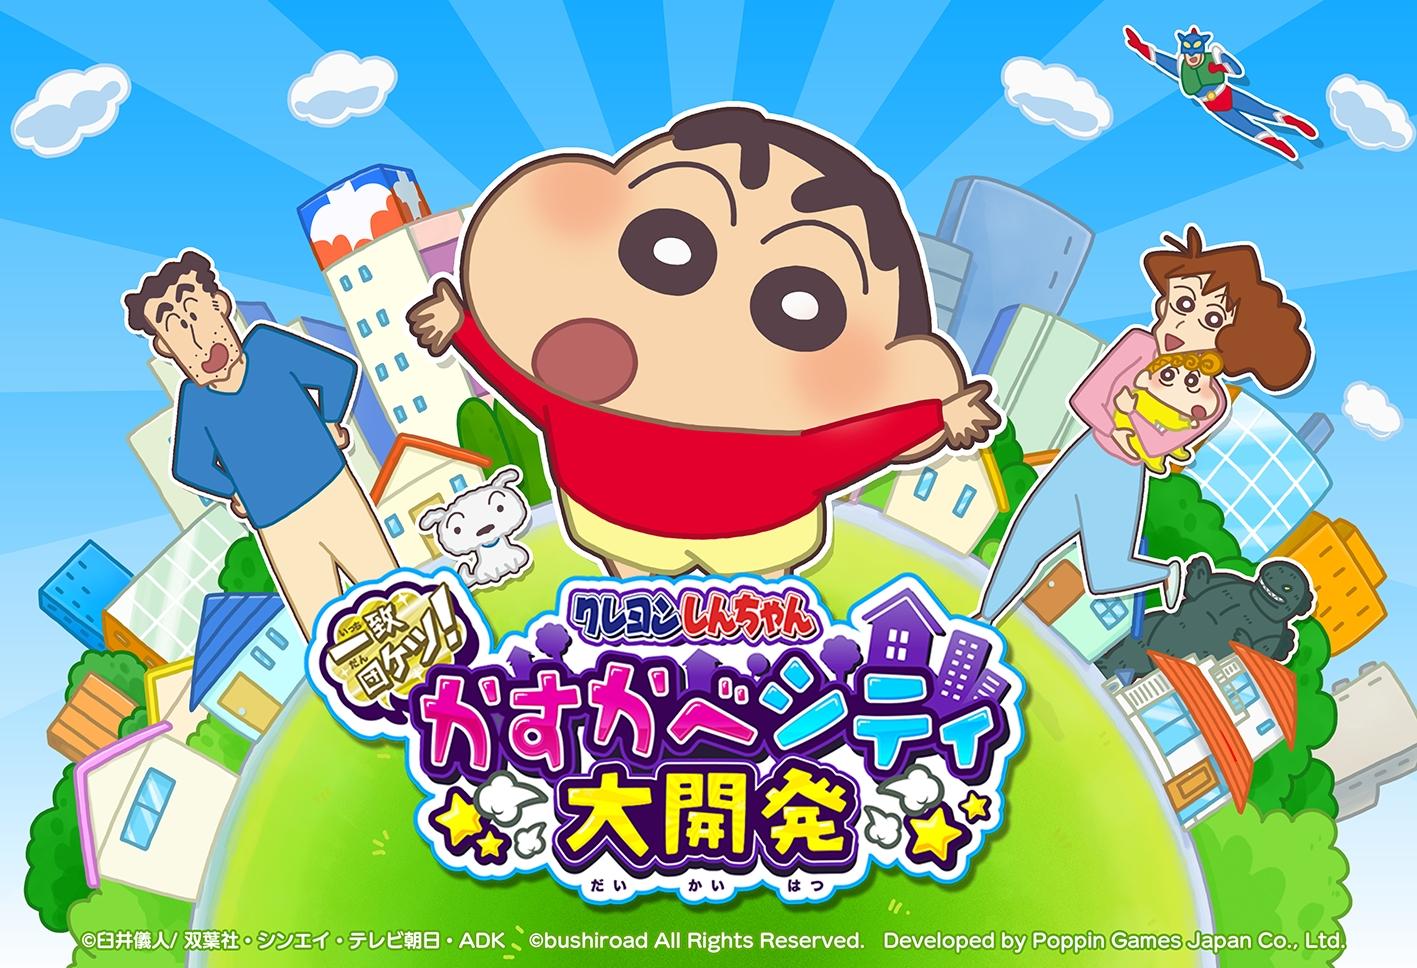 『クレヨンしんちゃん 一致団ケツ! かすかべシティ大開発』が1周年キャンペーン!